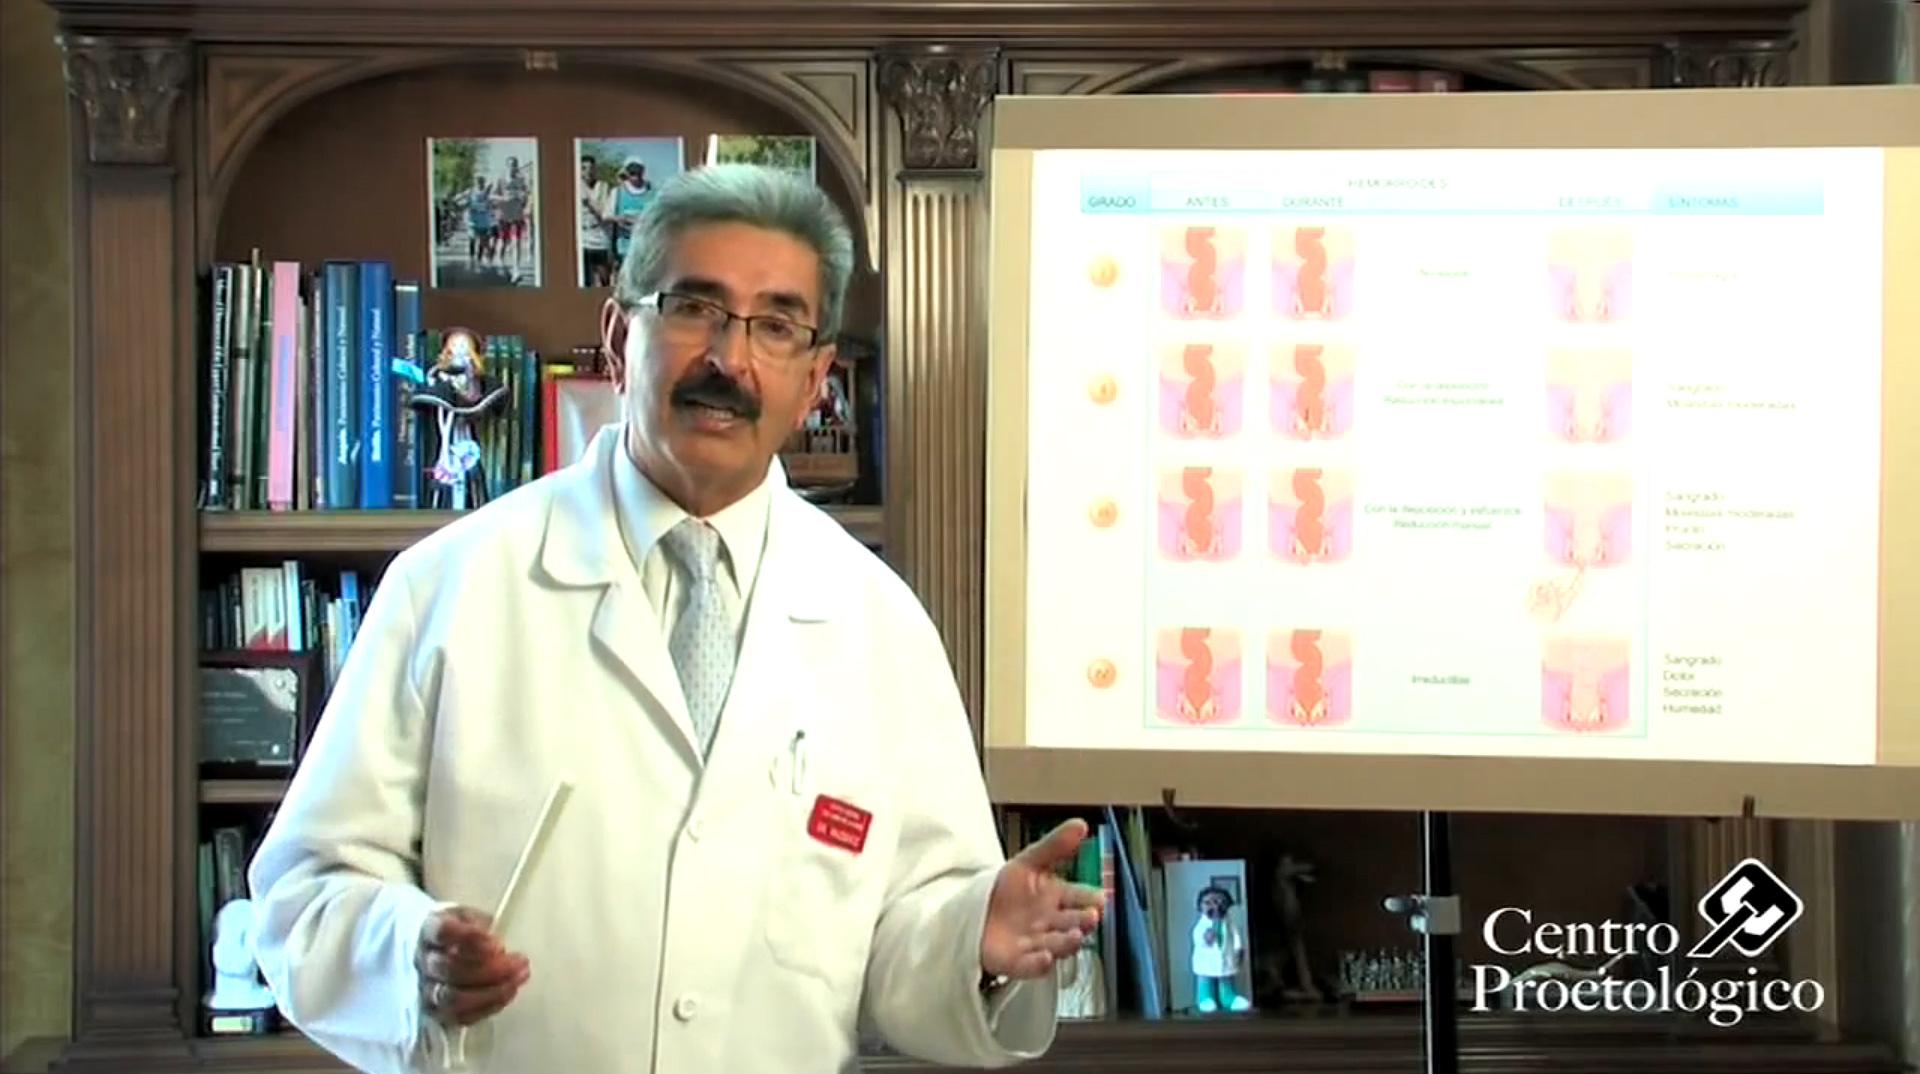 Cum să oprești sângerarea cu hemoroizi, ce să faci pentru a trata boala? - Articole